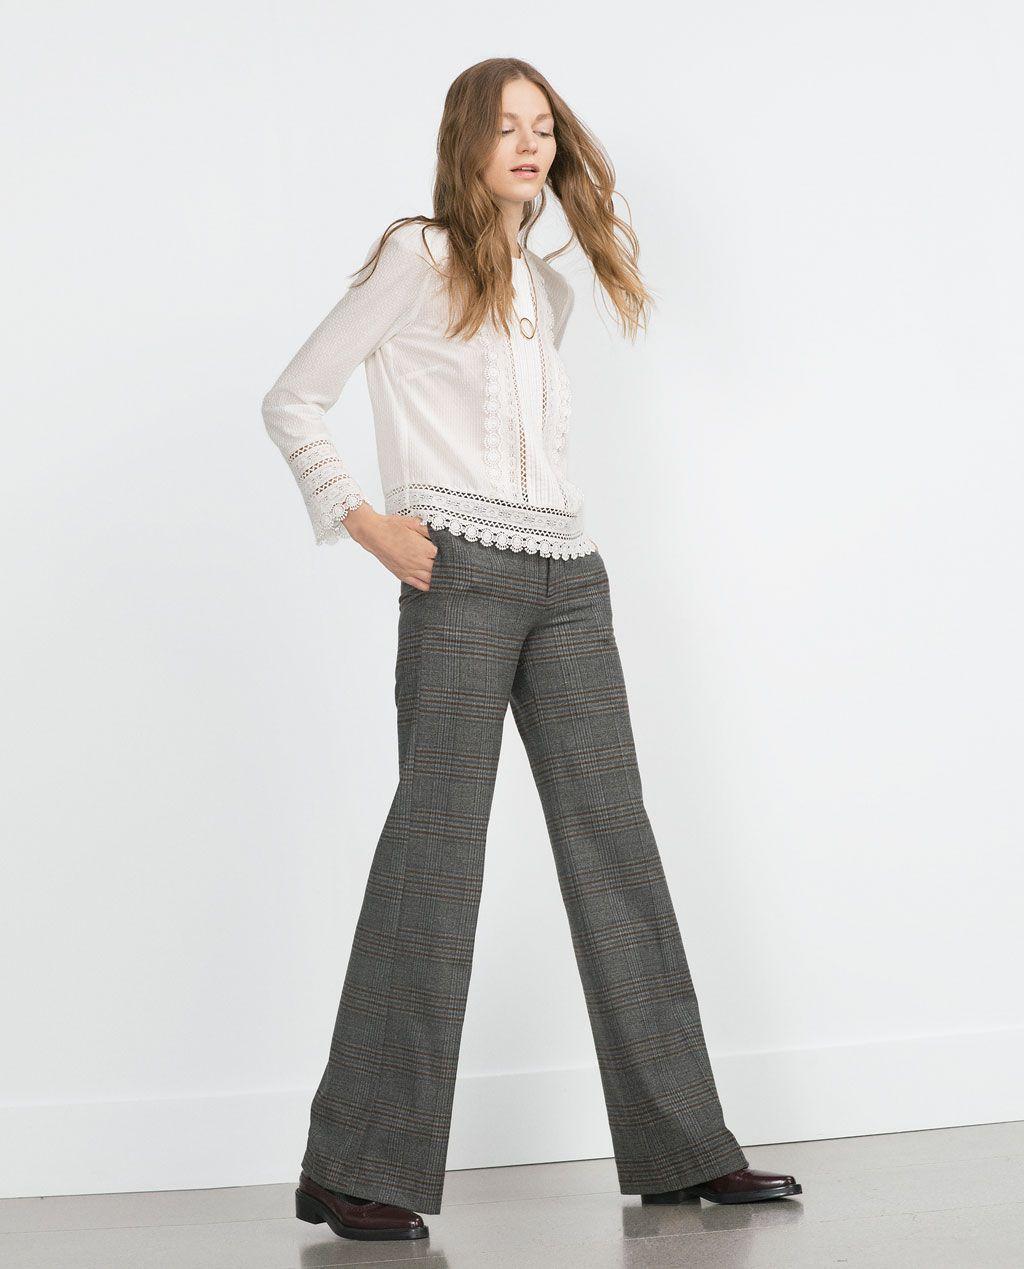 precio asombroso variedad de diseños y colores moda de lujo STRAIGHT CHECKED TROUSERS-THE FALL REPORT | WOMAN-EDITORIALS ...